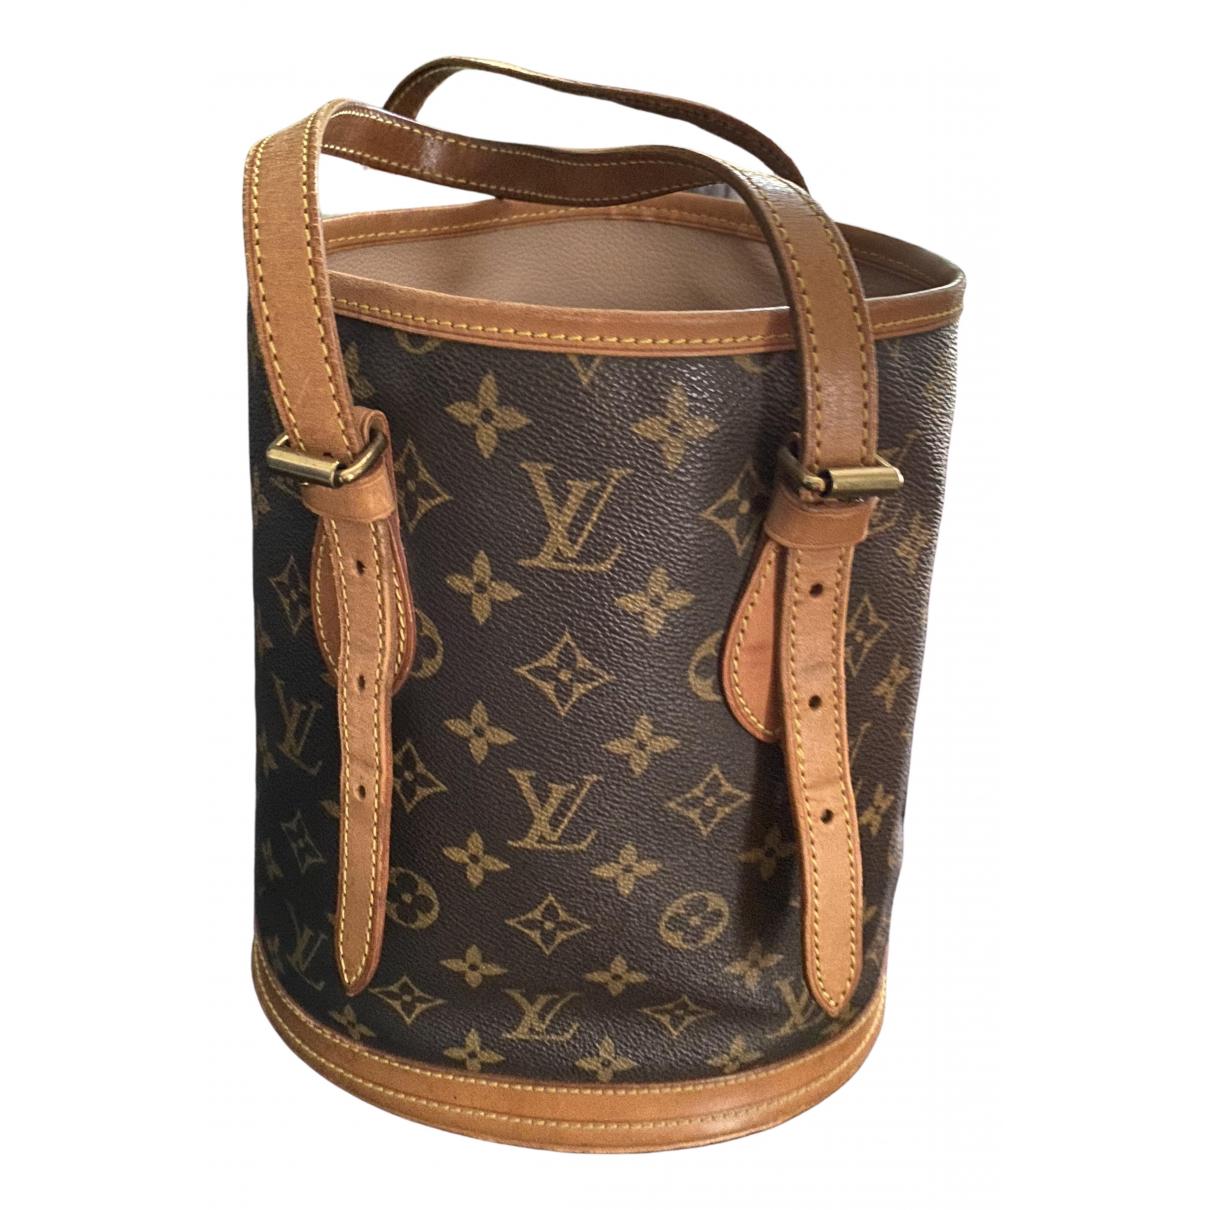 Louis Vuitton Bucket  Handtasche in  Beige Leinen